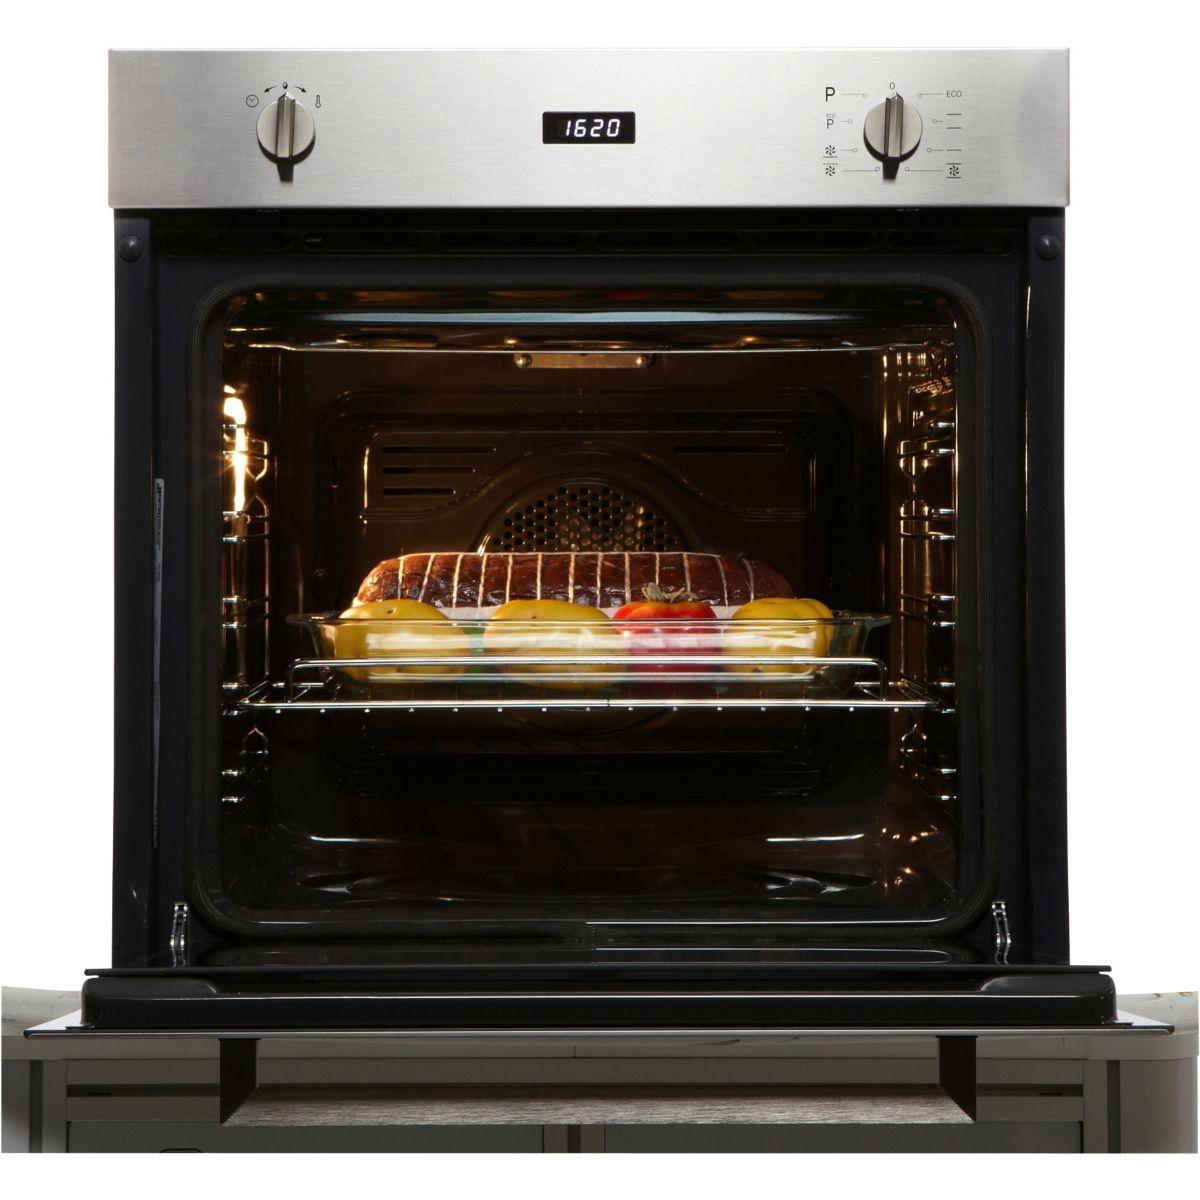 Pack promo four multifonction pyrolyse + table de cuisson gaz - soldes et bonnes affaires à prix imbattables